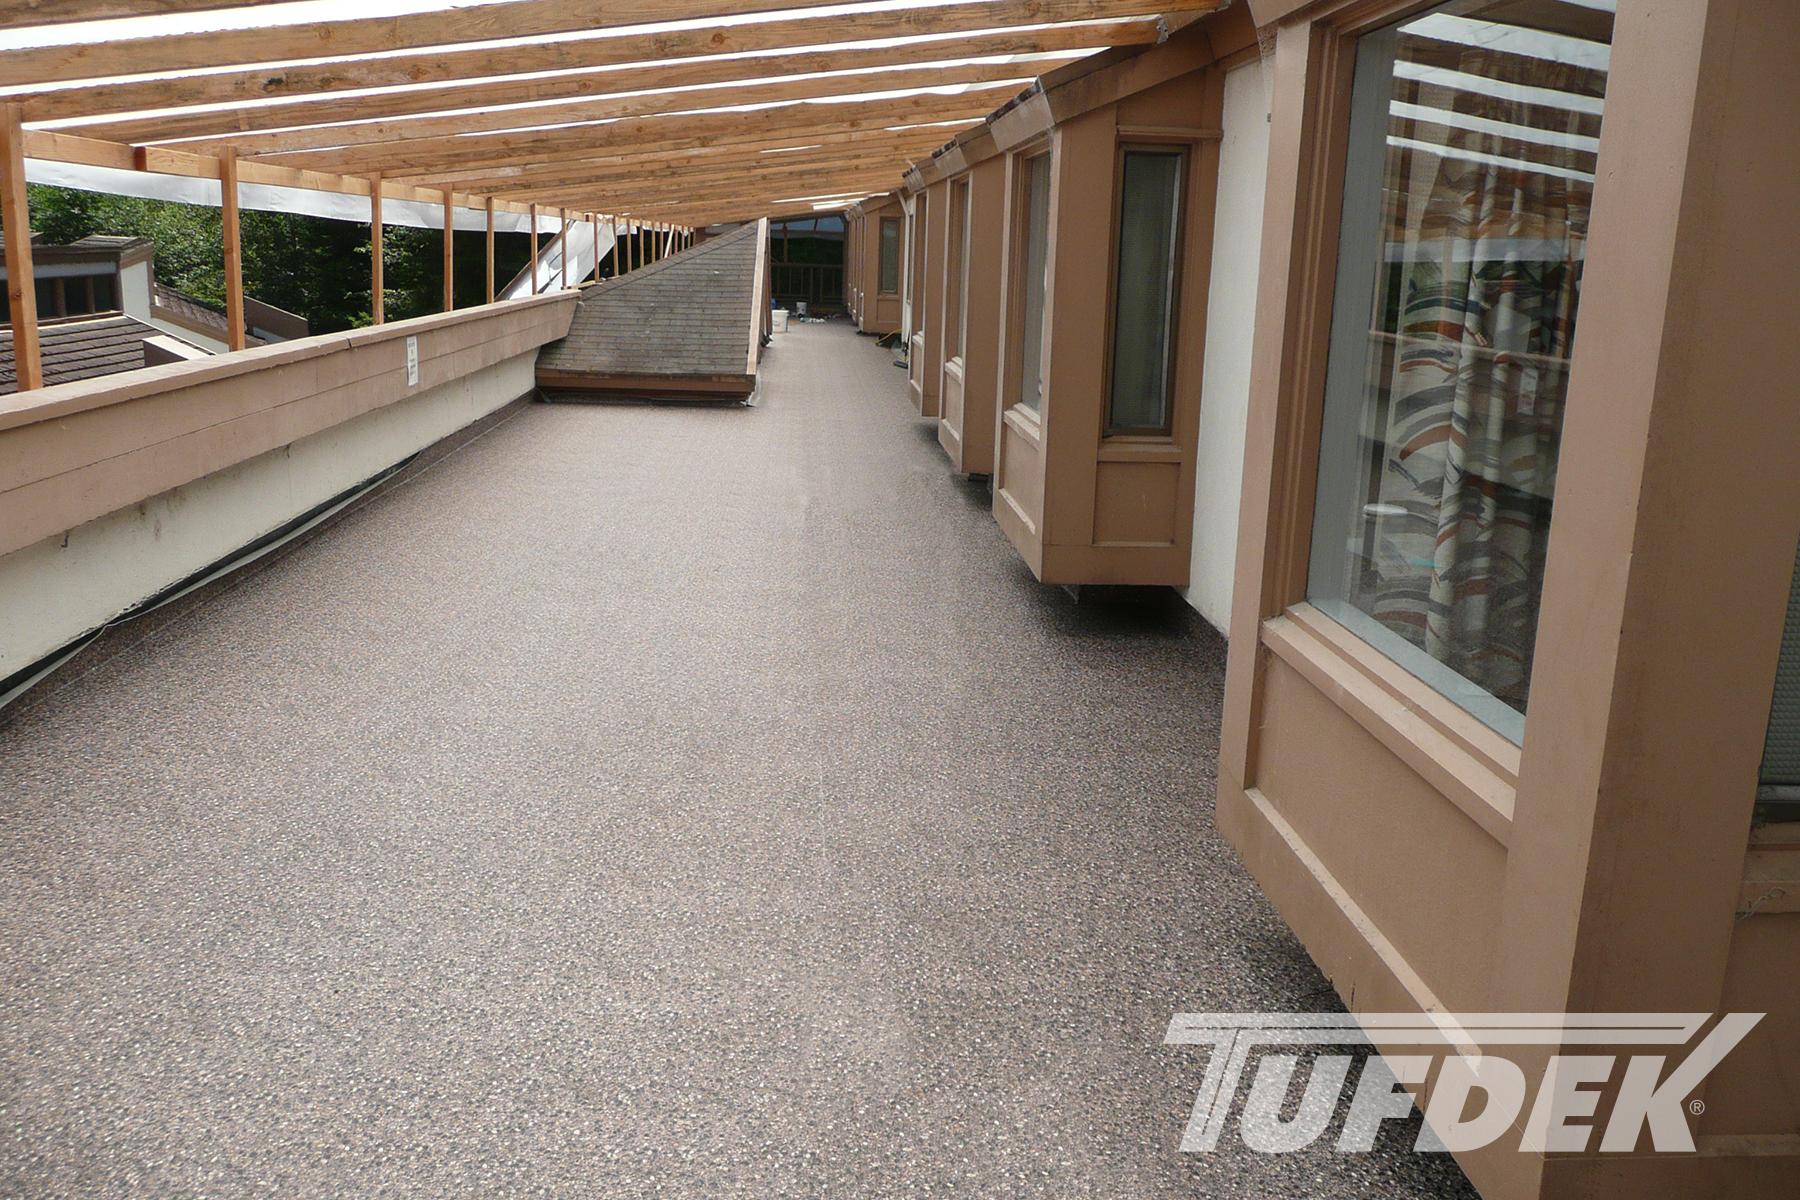 Commercial waterproof vinyl deck photo gallery by tufdek for Vinyl decking material